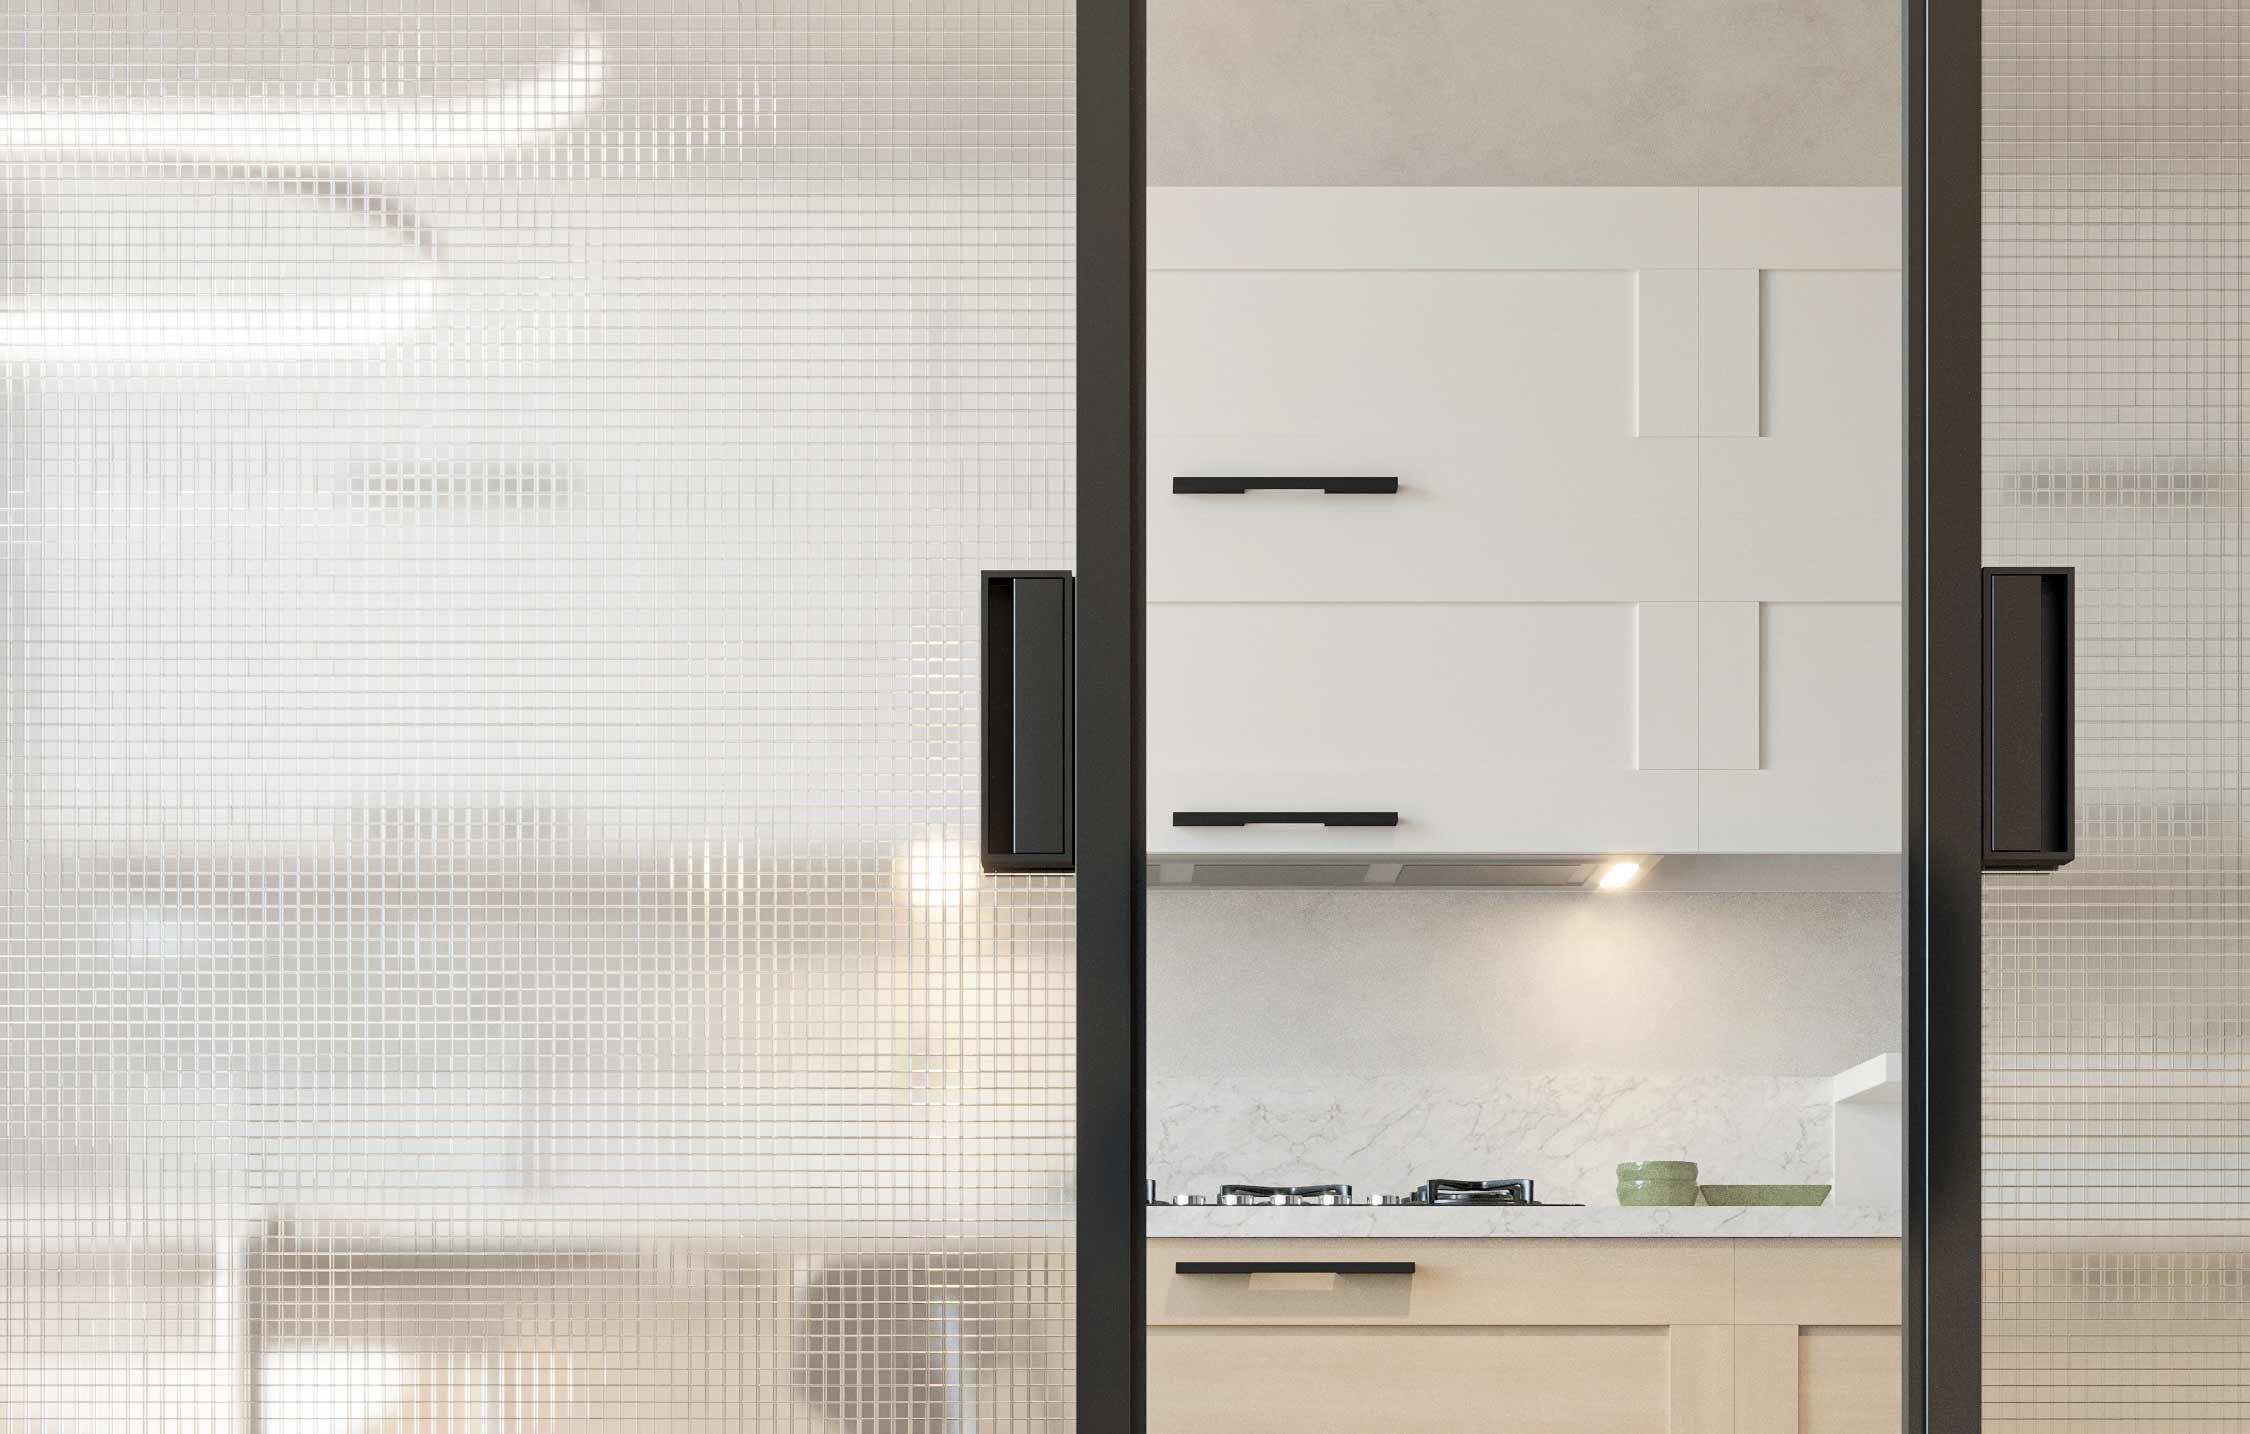 Dettaglio di una porta scorrevole a due ante con maniglie in alluminio color grigio scuro